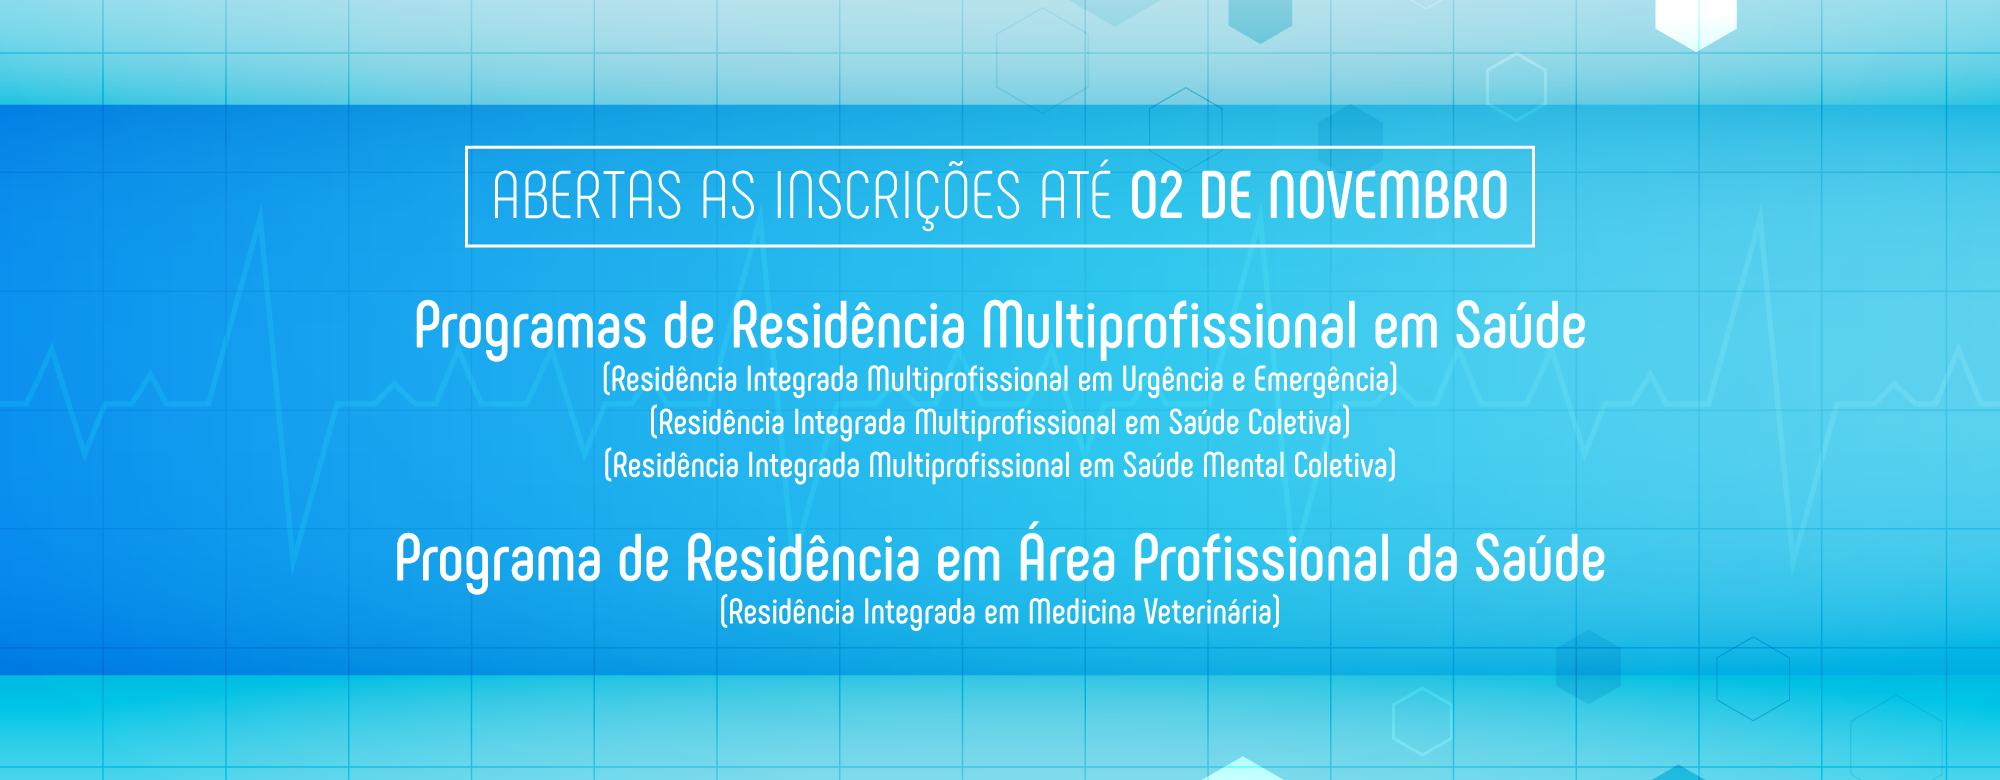 Residências Multiprofissionais em Saúde